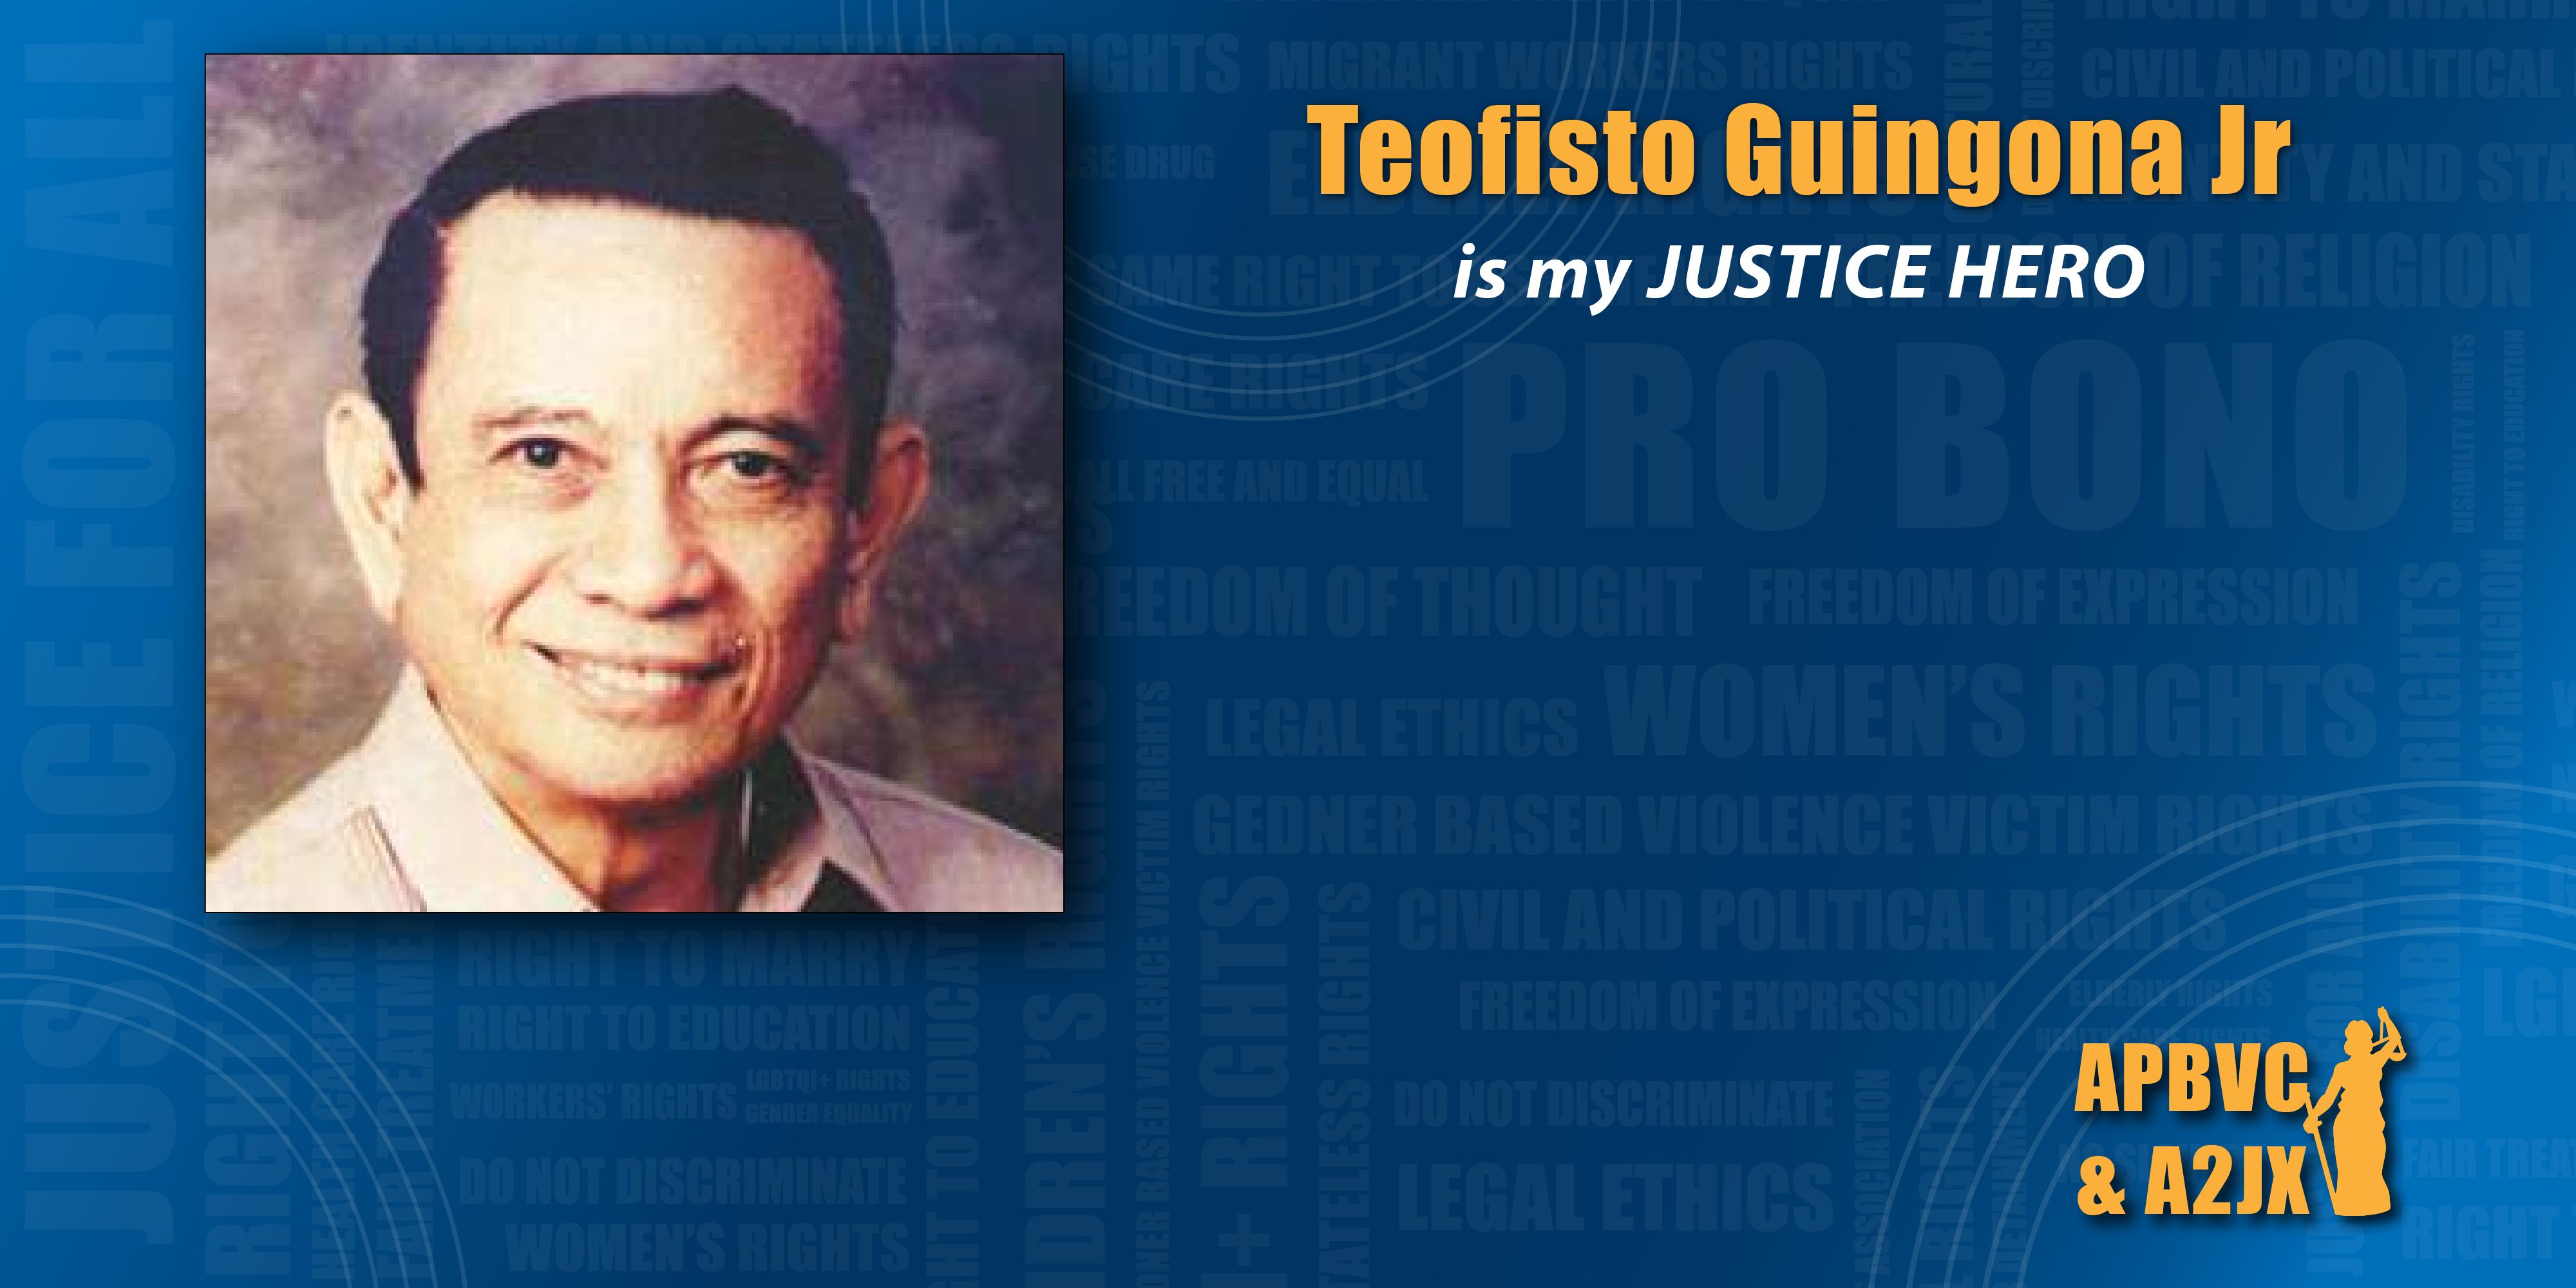 Teofisto Guingona Jr